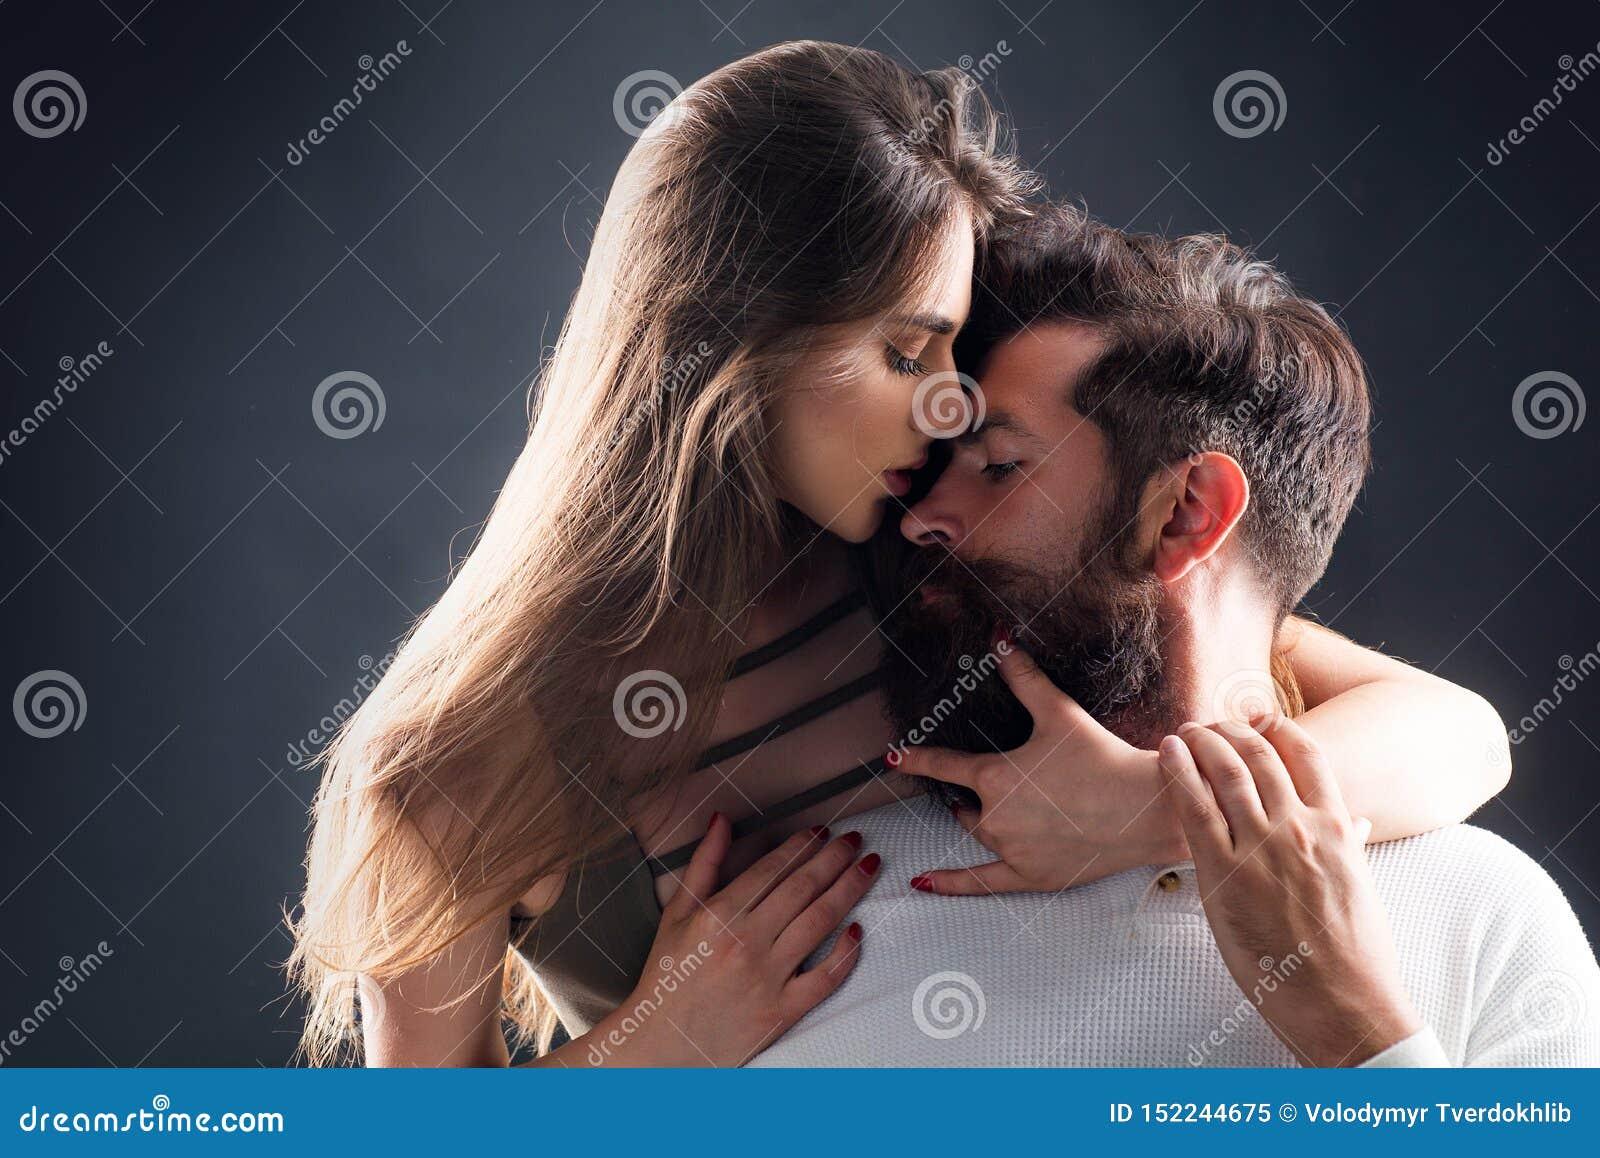 Dating någon under din liga